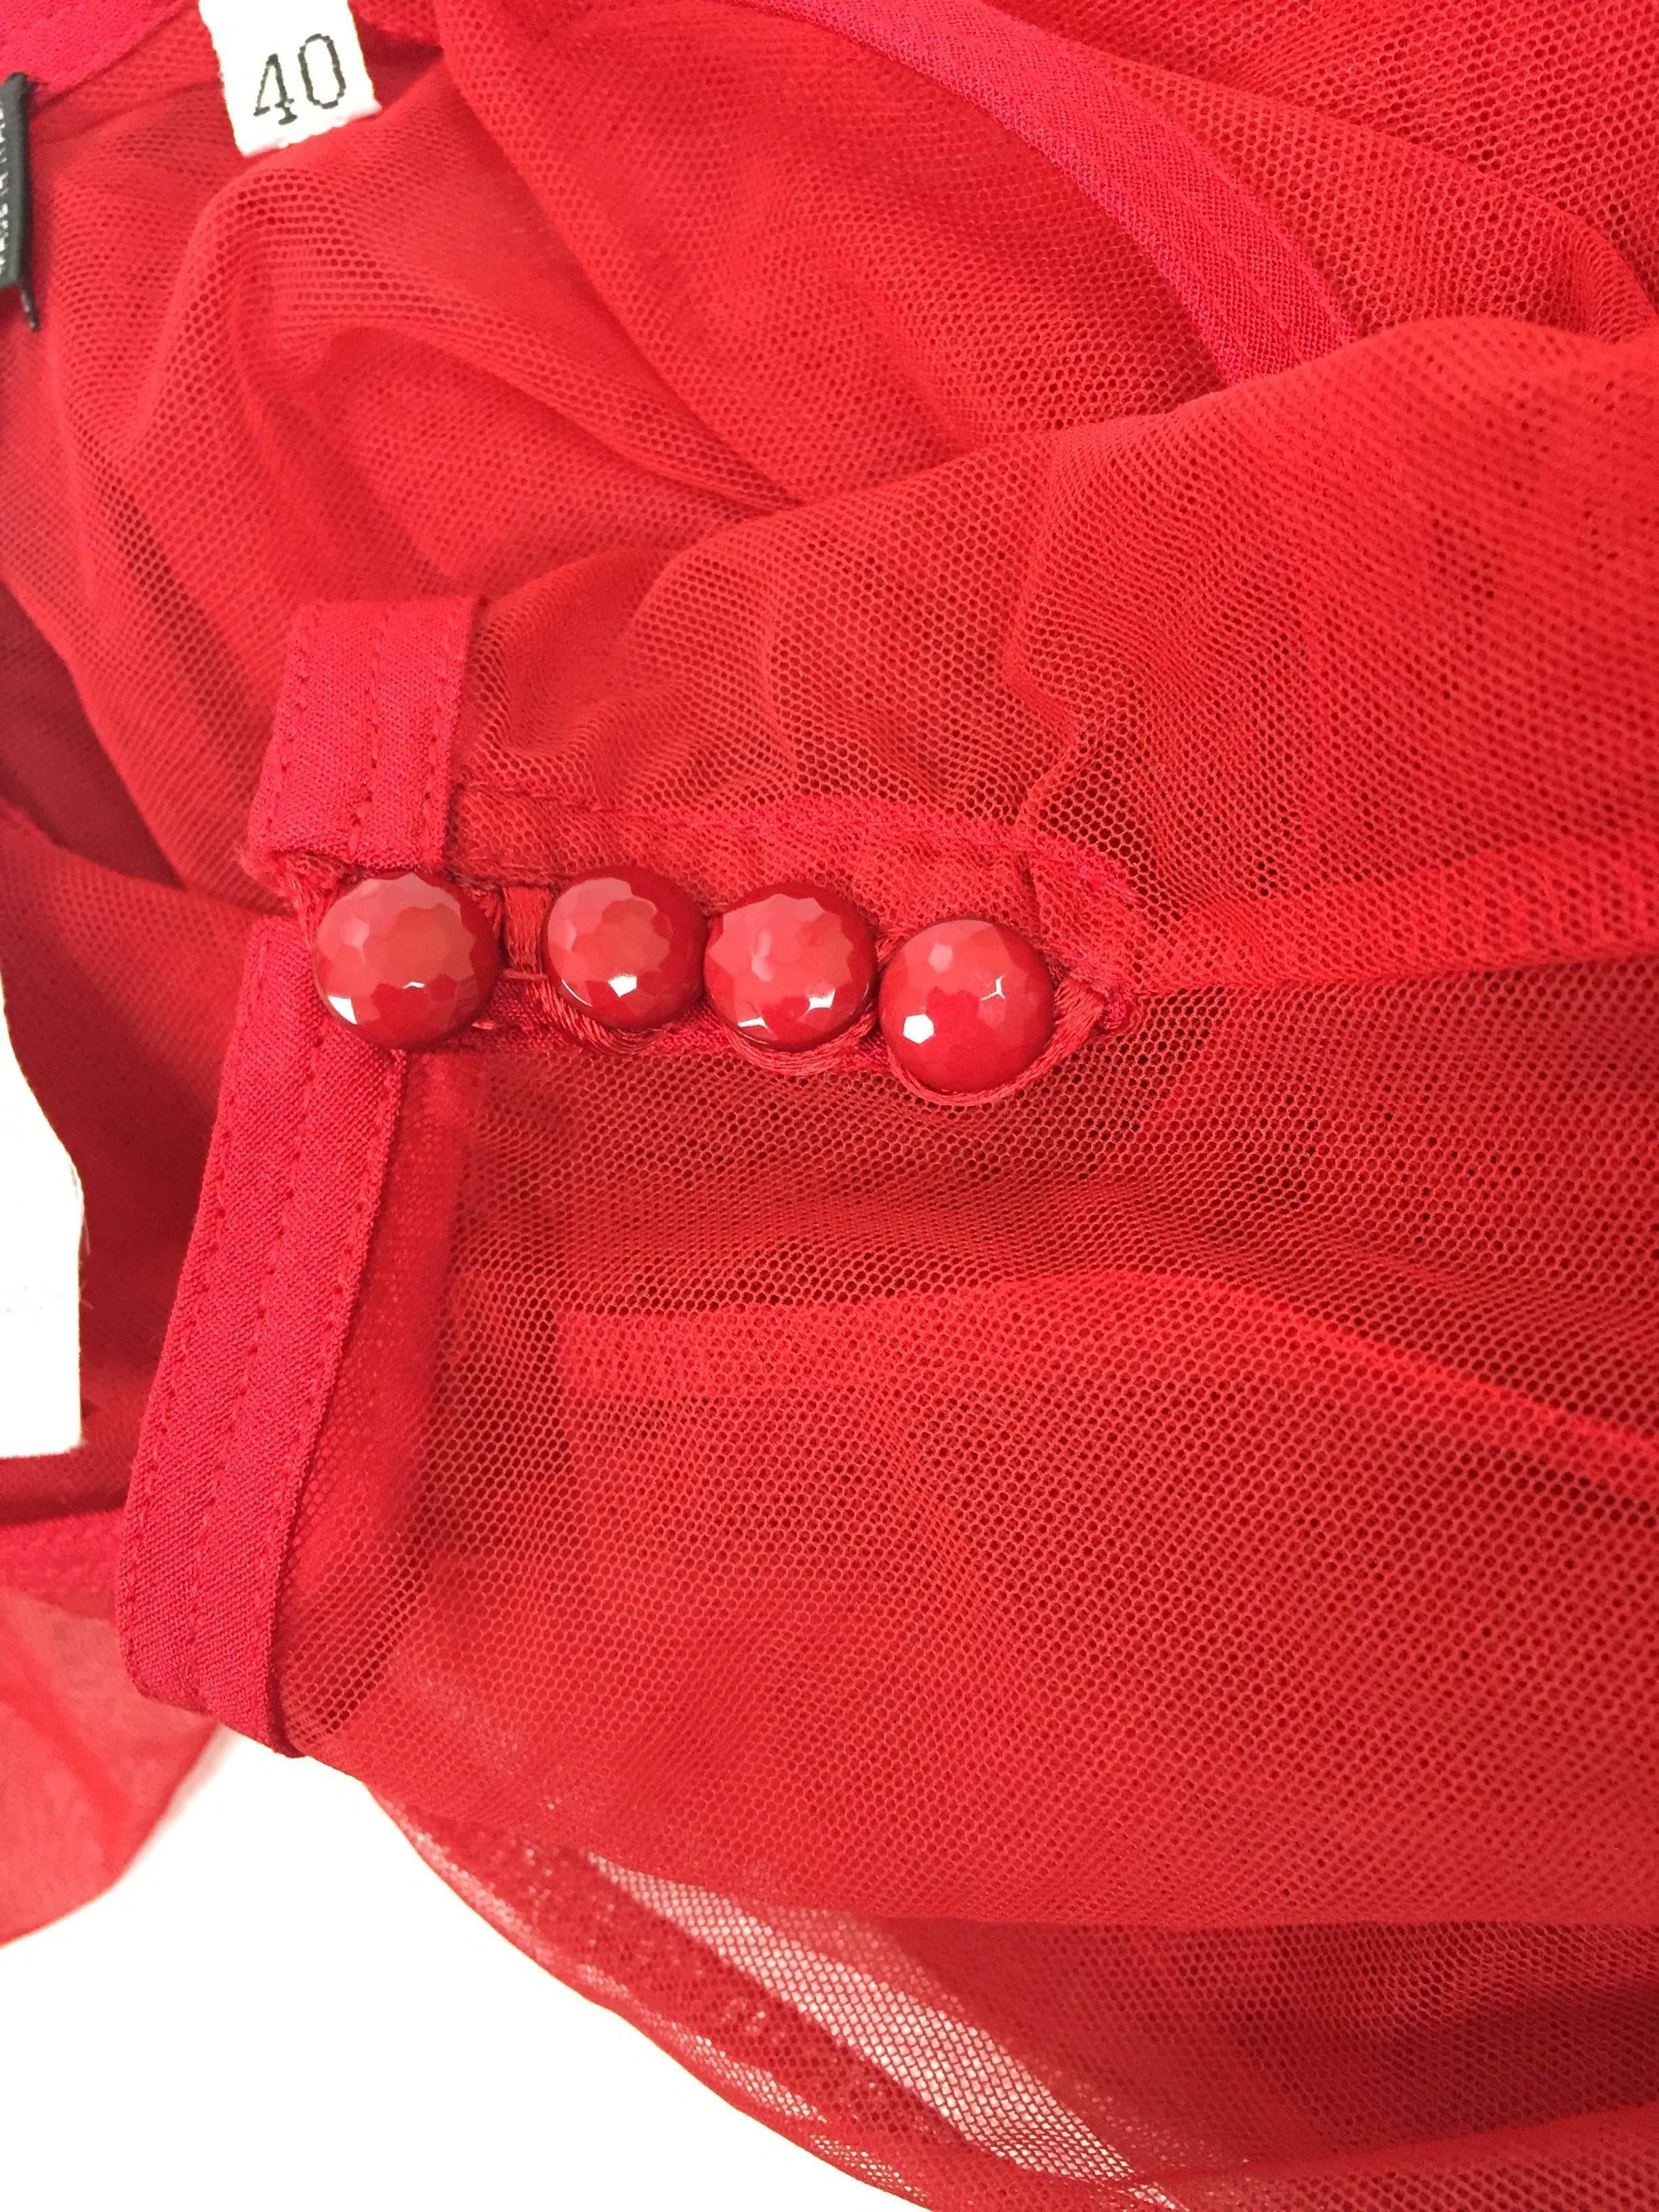 Gianni Versace Punk Red Fishnet L   S Bodysuit Top bf8de0069